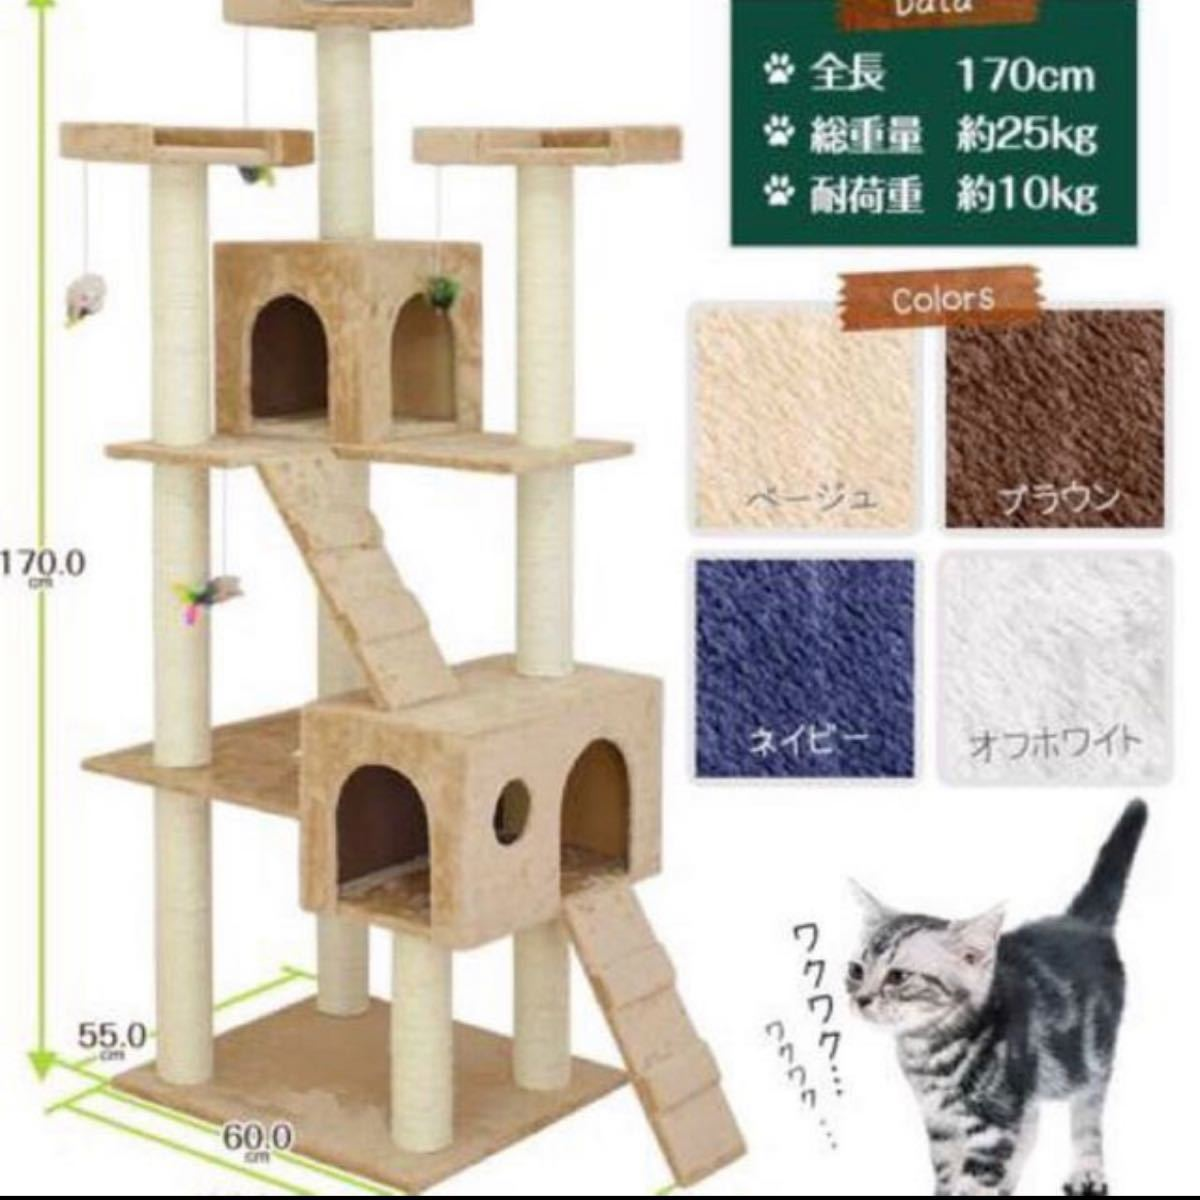 キャットタワー 猫 Cat Tower ワイドサイズ 高さ170cm